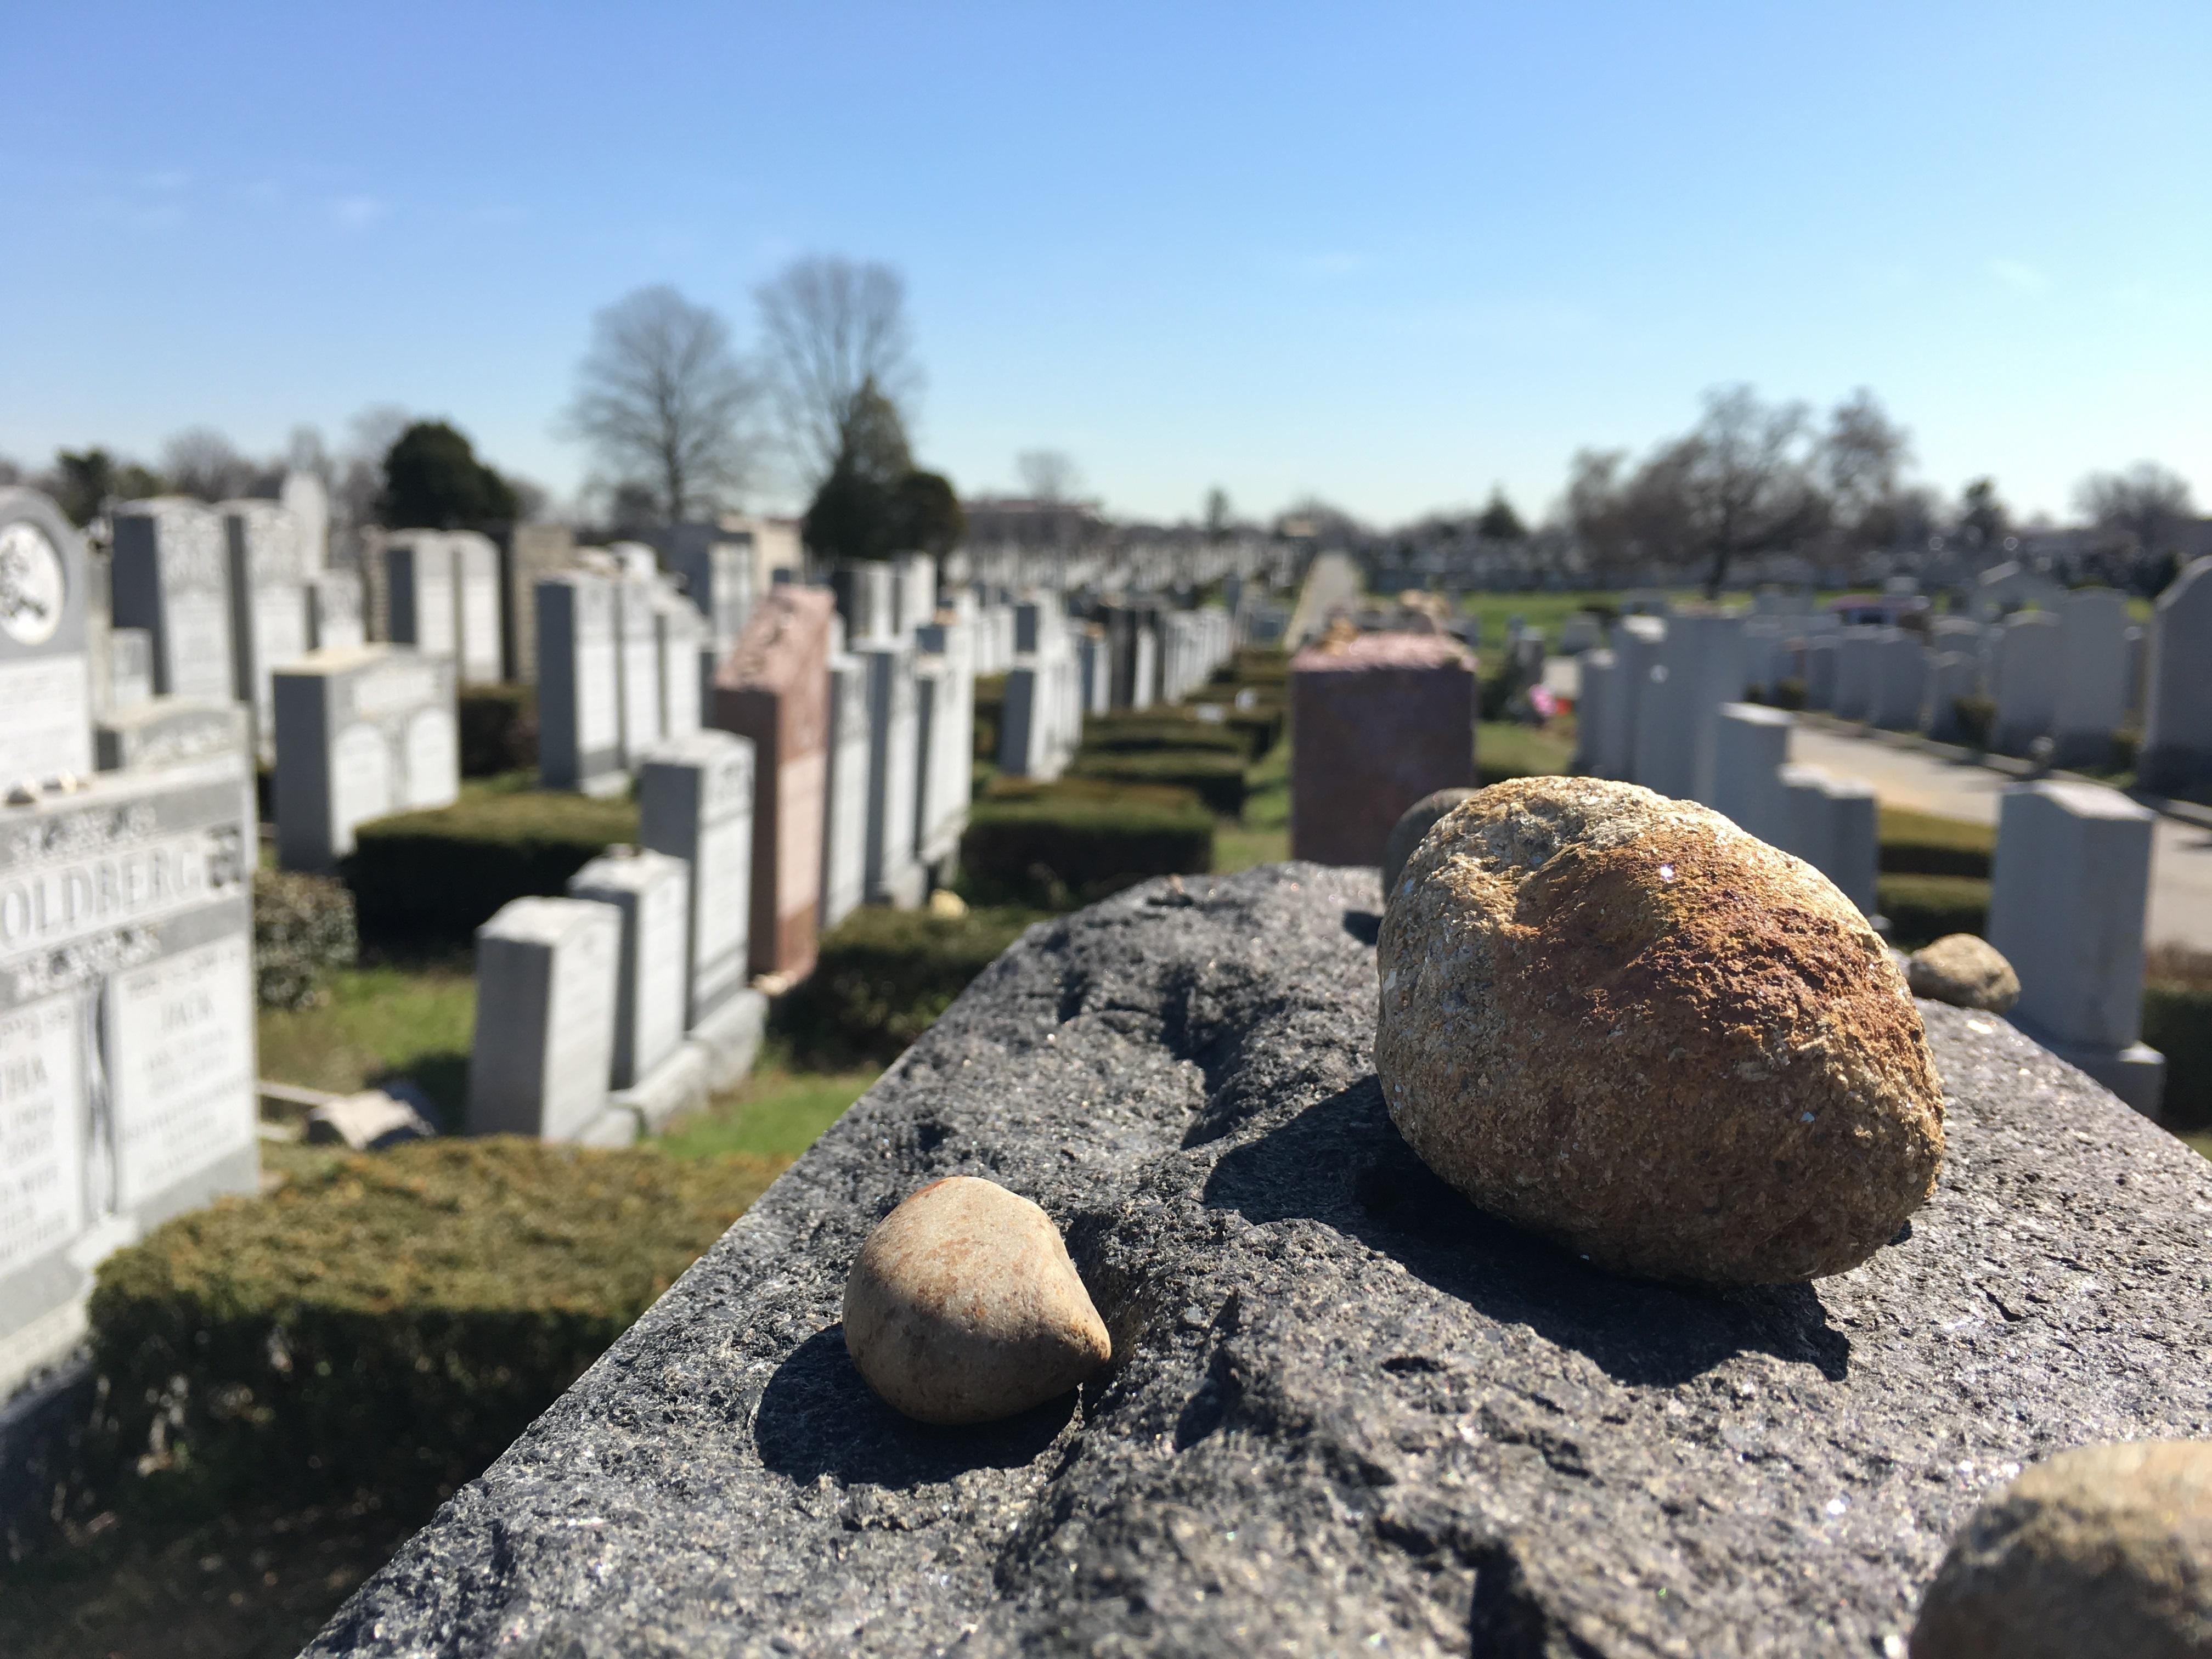 Mt. Hebron Cemetery